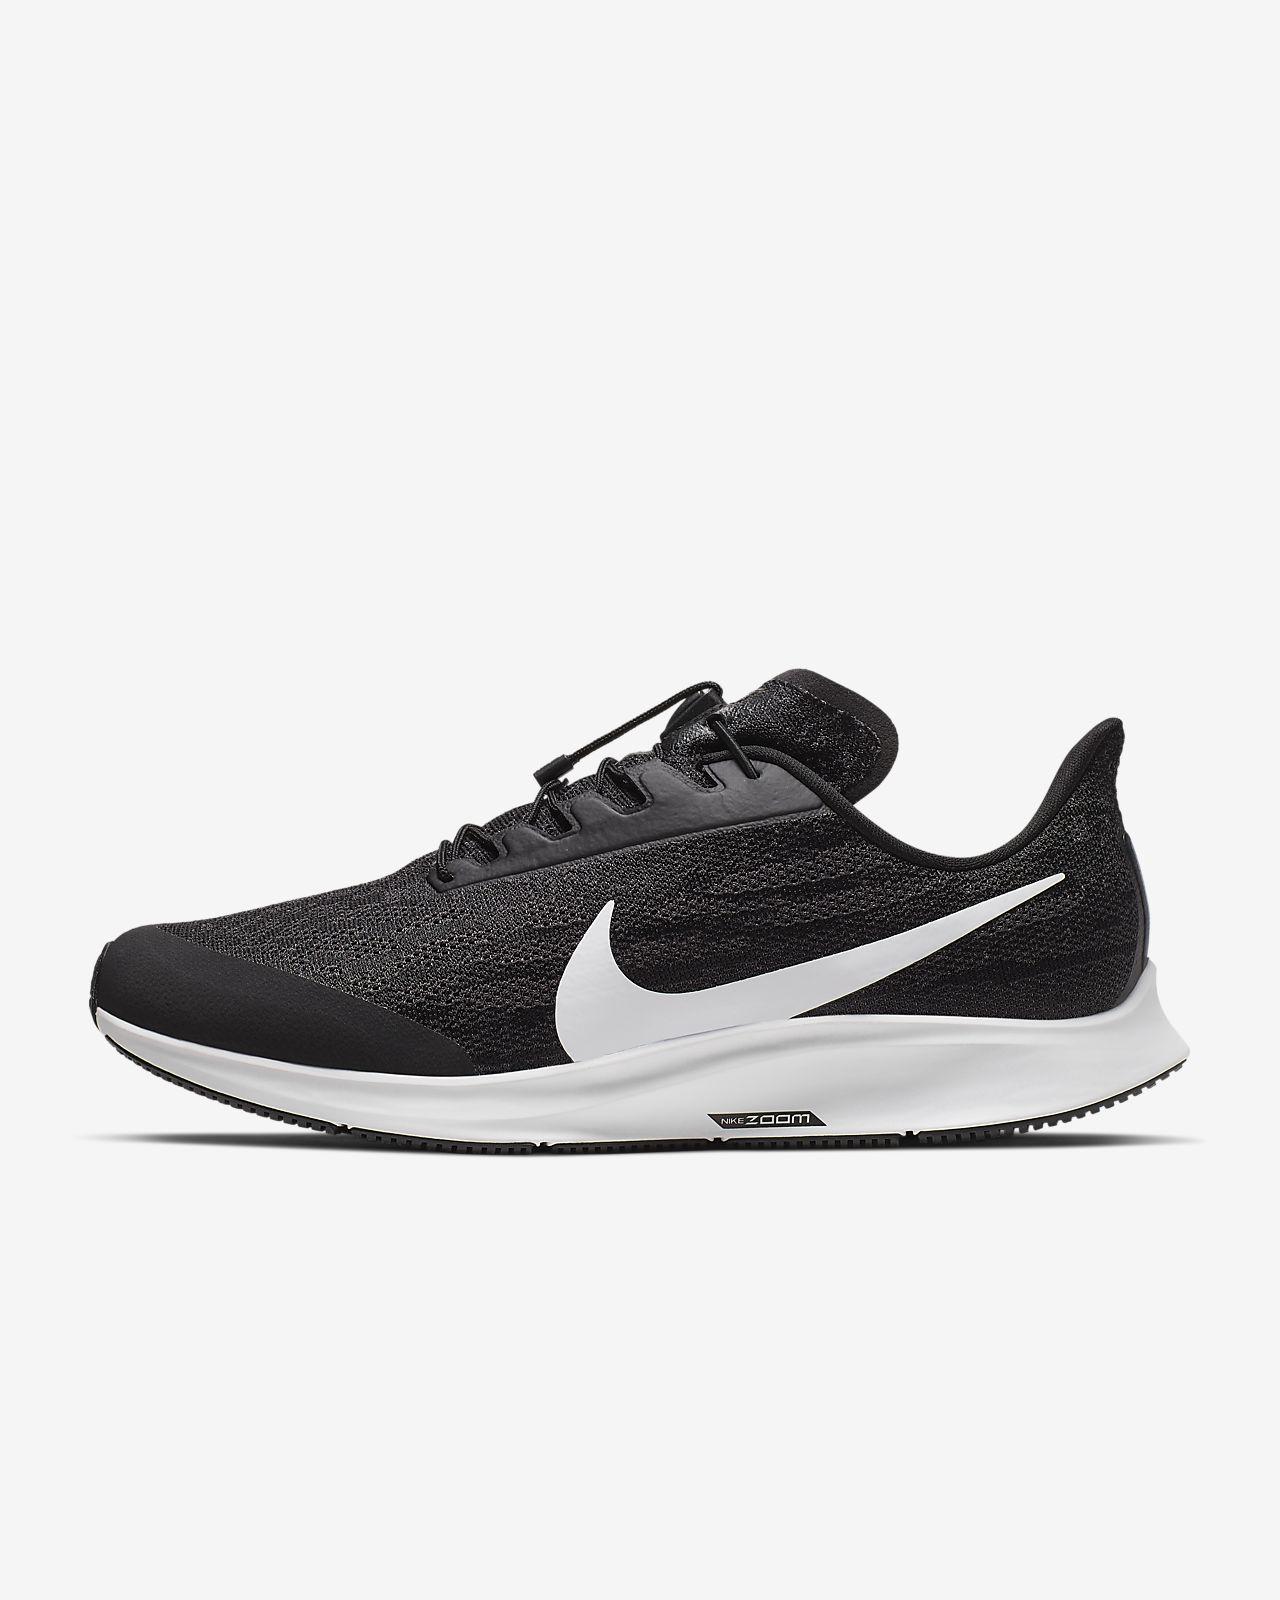 รองเท้าวิ่งผู้ชาย Nike Pegasus 36 FlyEase (หน้ากว้างพิเศษ)